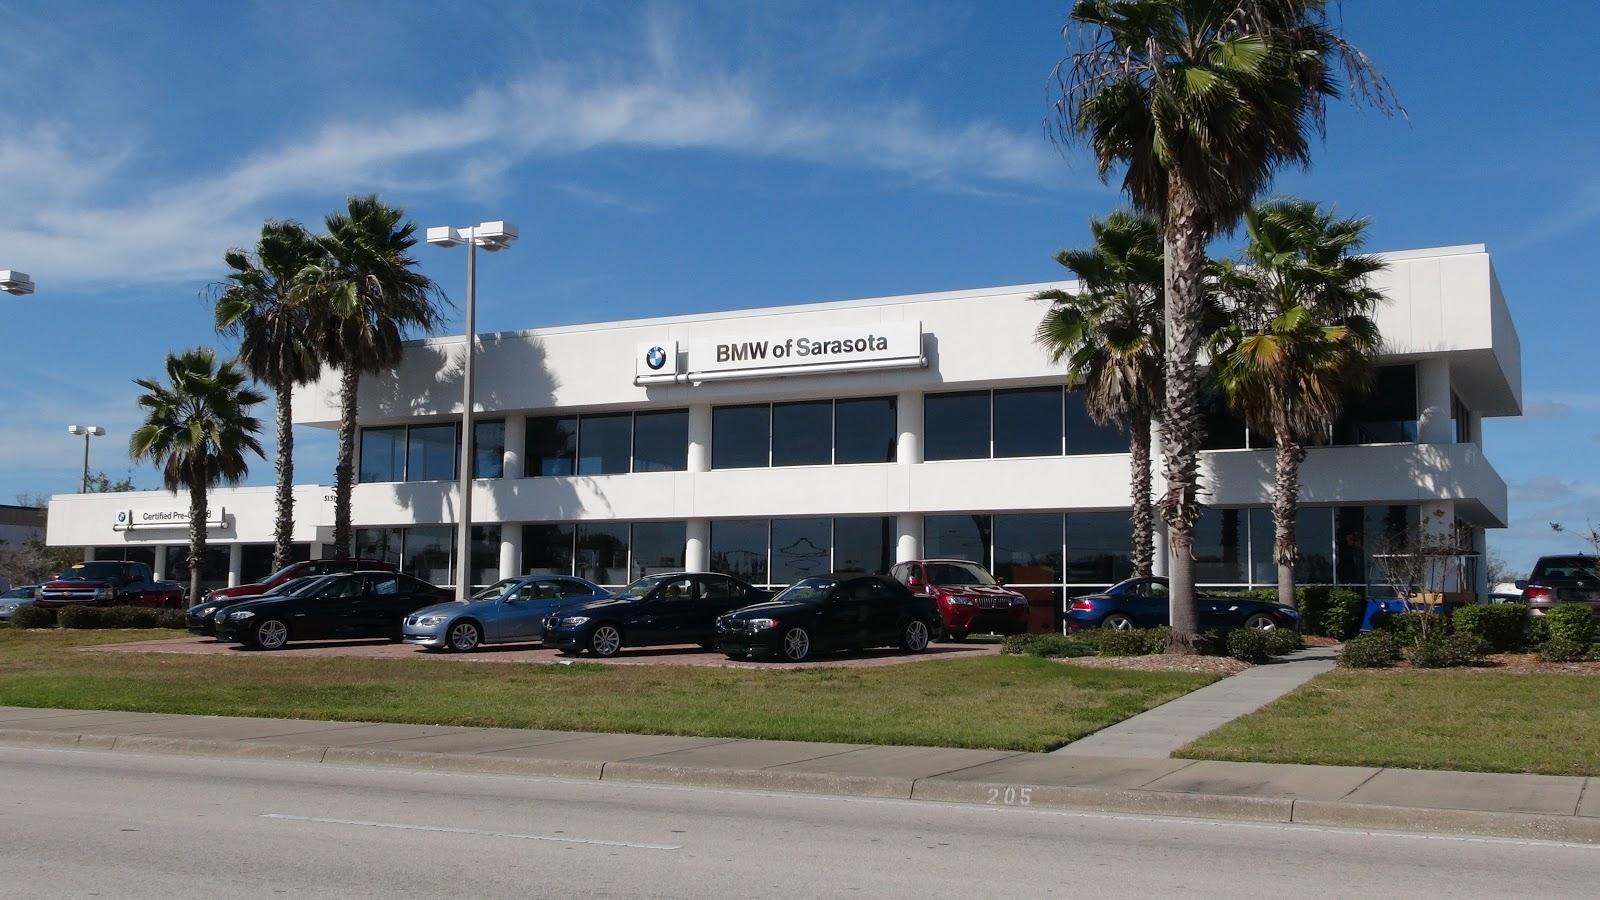 Sarasota Car Dealerships >> Bmw Of Sarasota Morgan Auto Group